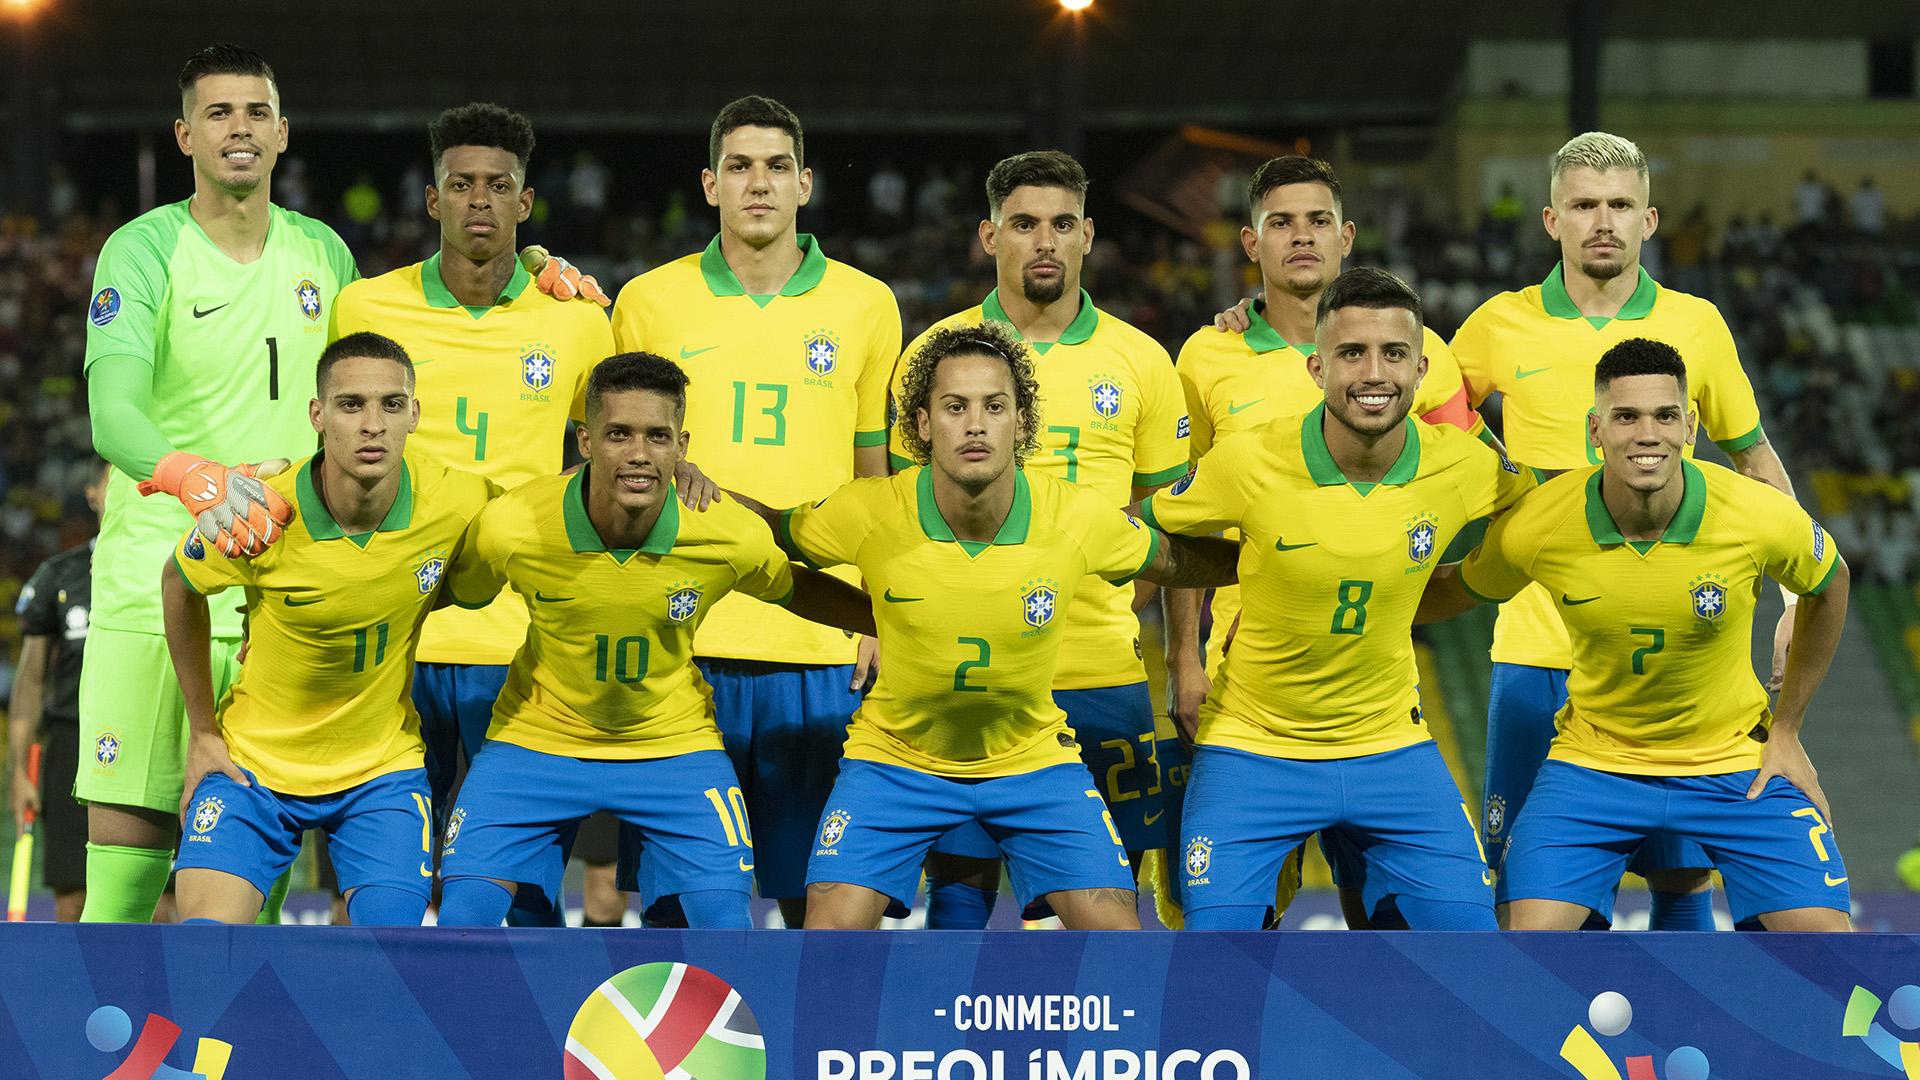 Brasil derrota Argentina no pré-olímpico de futebol e garante vaga em Tóquio 2020